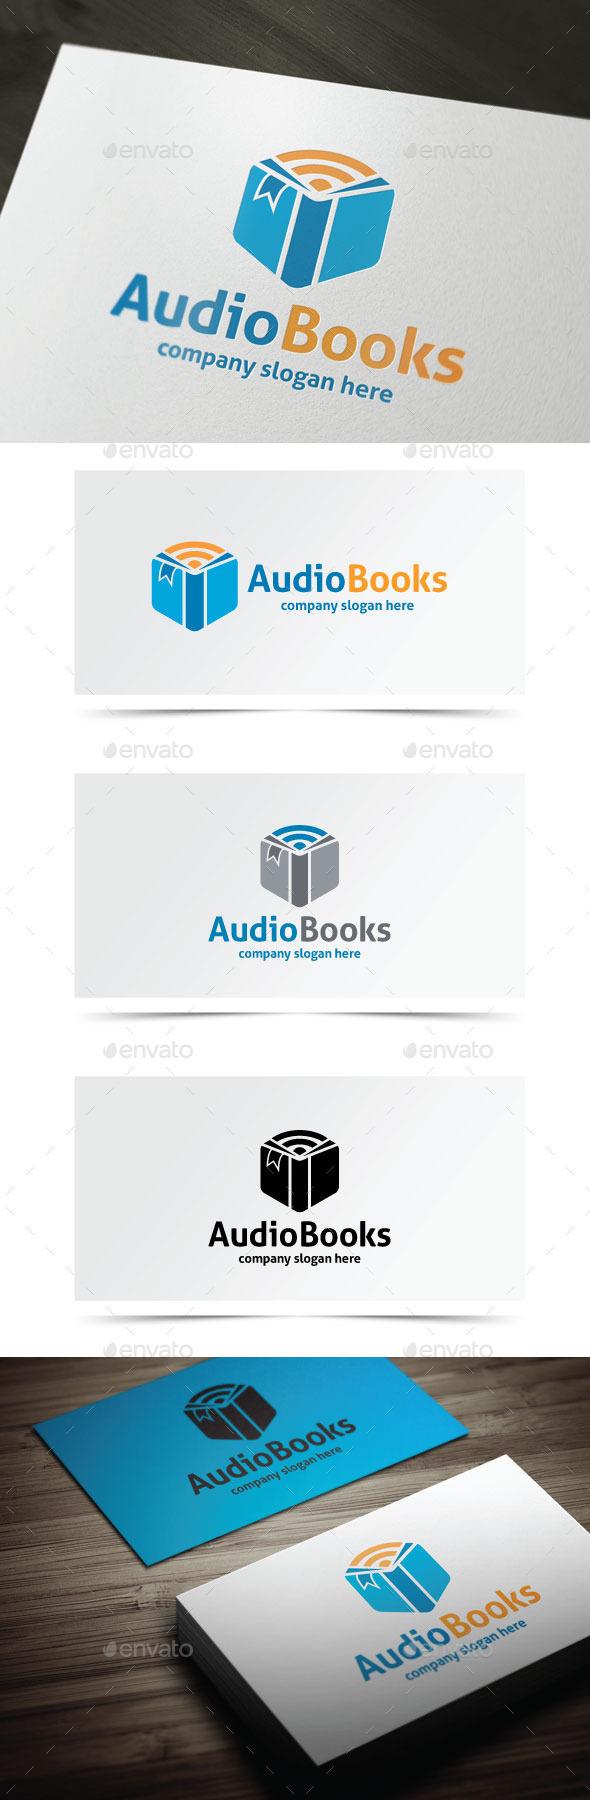 GraphicRiver Audio Books 9264281